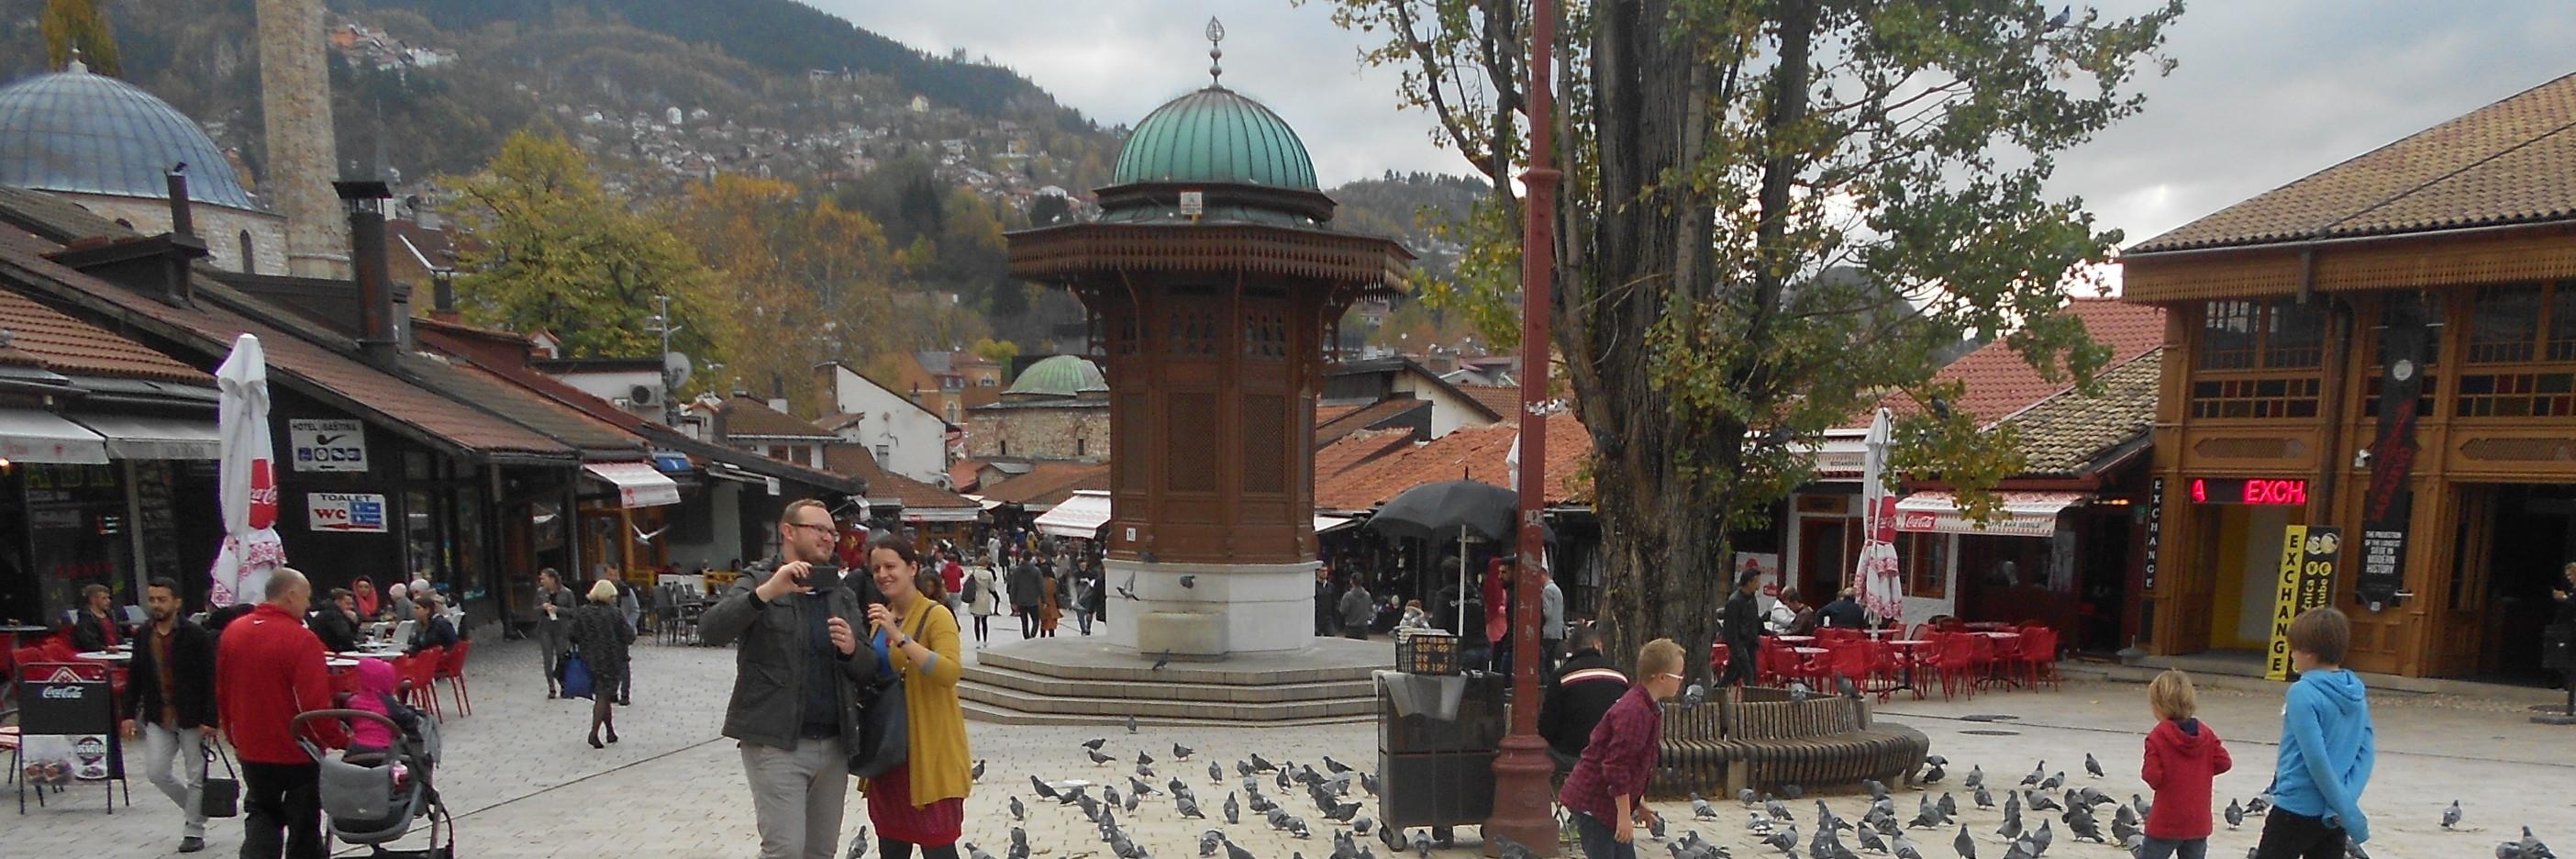 Площадь Башчаршия